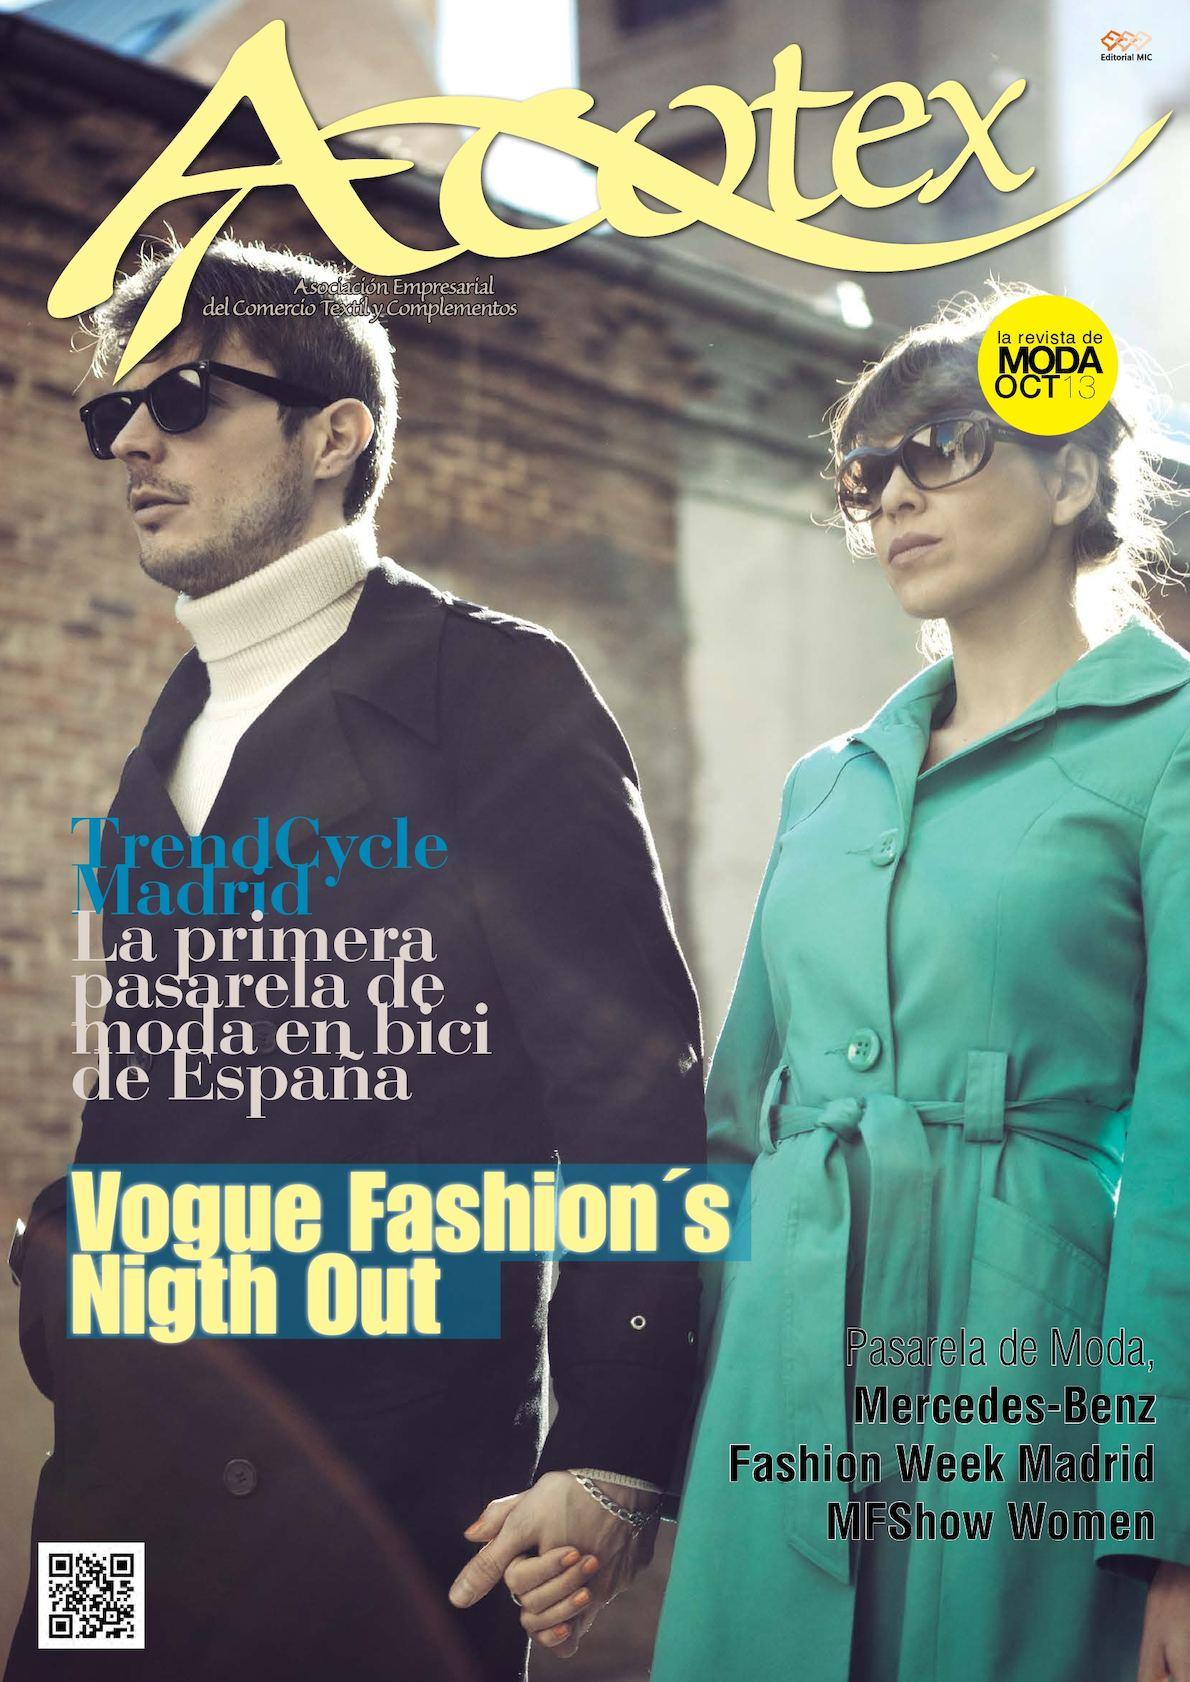 Revista De Moda 2013